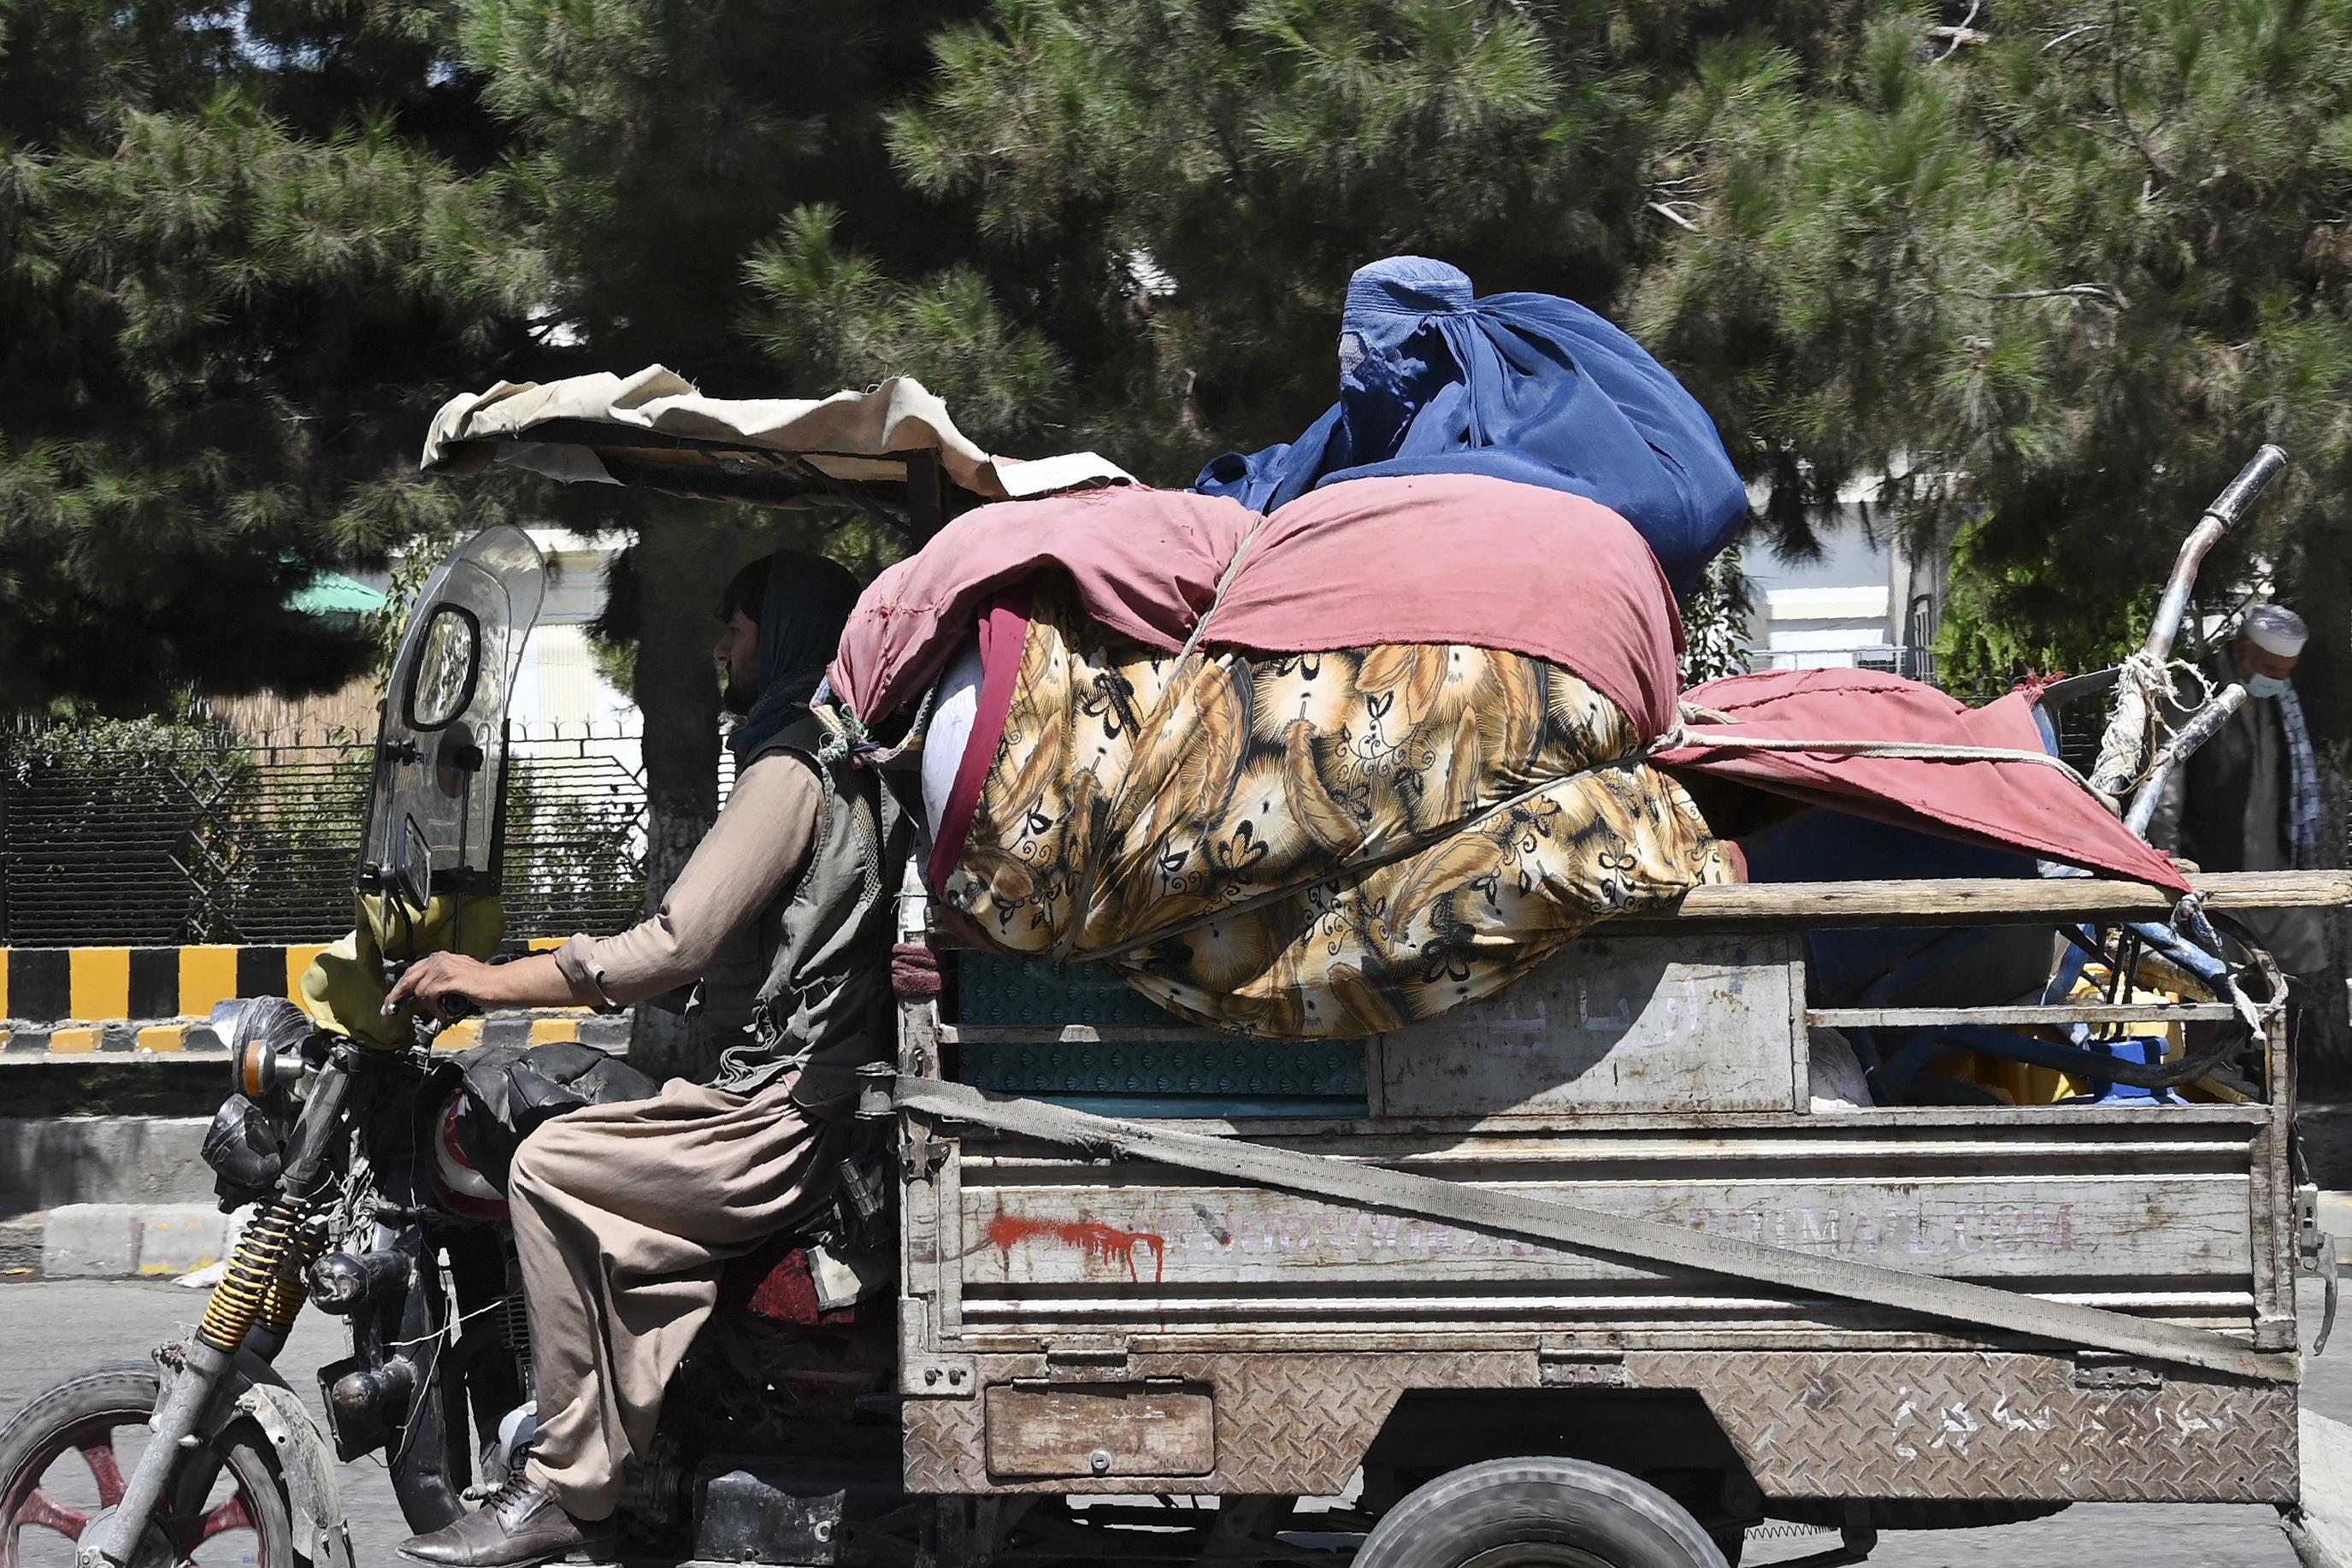 ( Foto: WAKIL KOHSAR / AFP   )